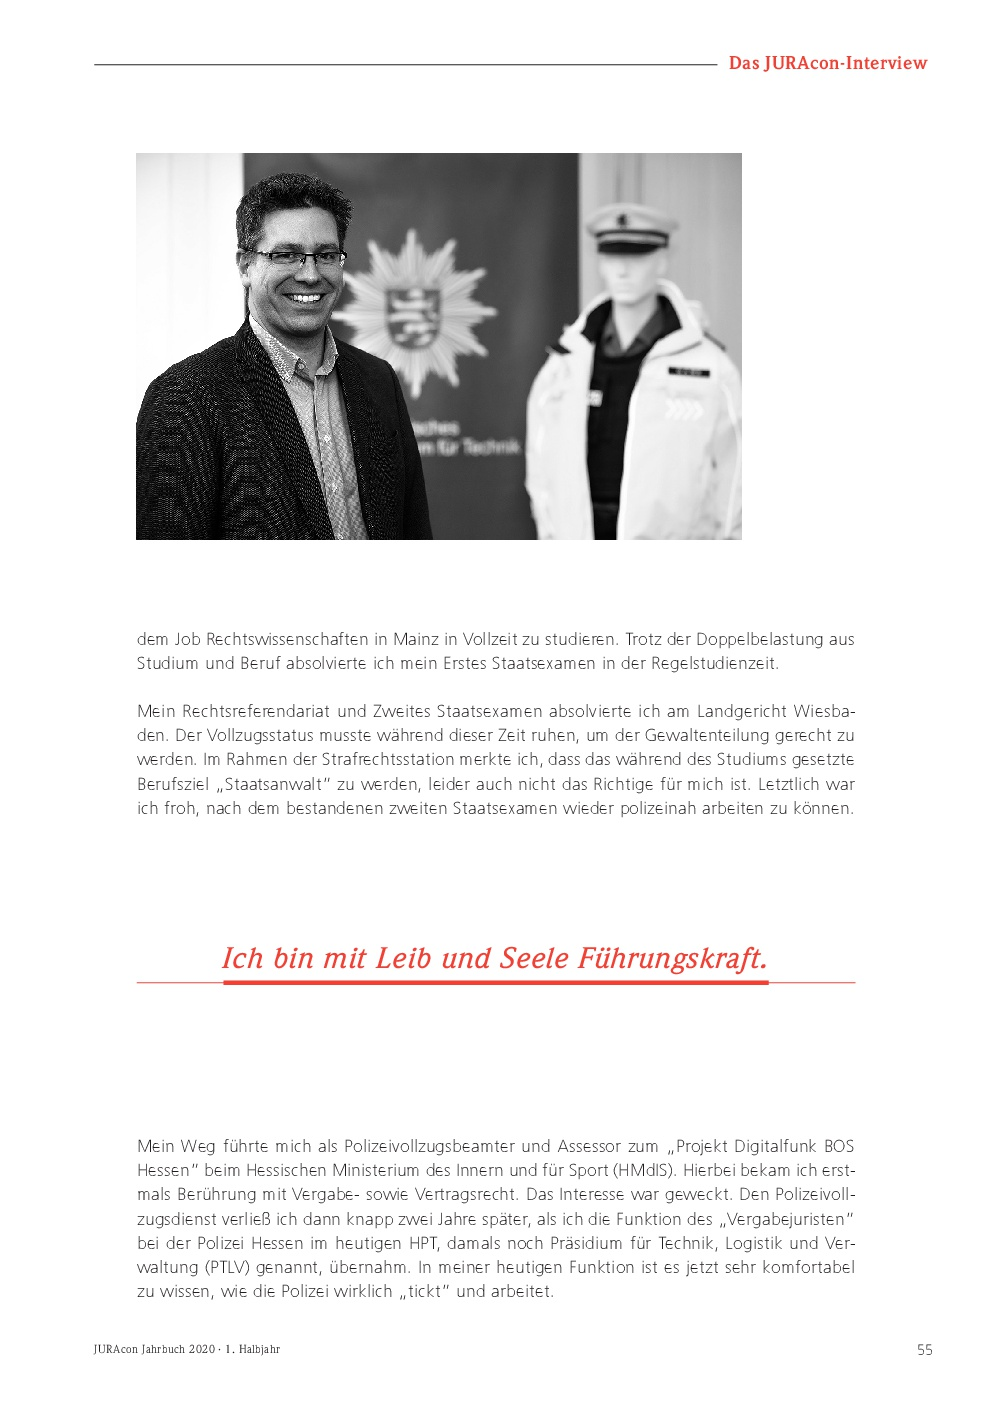 JURAcon Jahrbuch 2020 - Interview Marco Führer - Seite 55